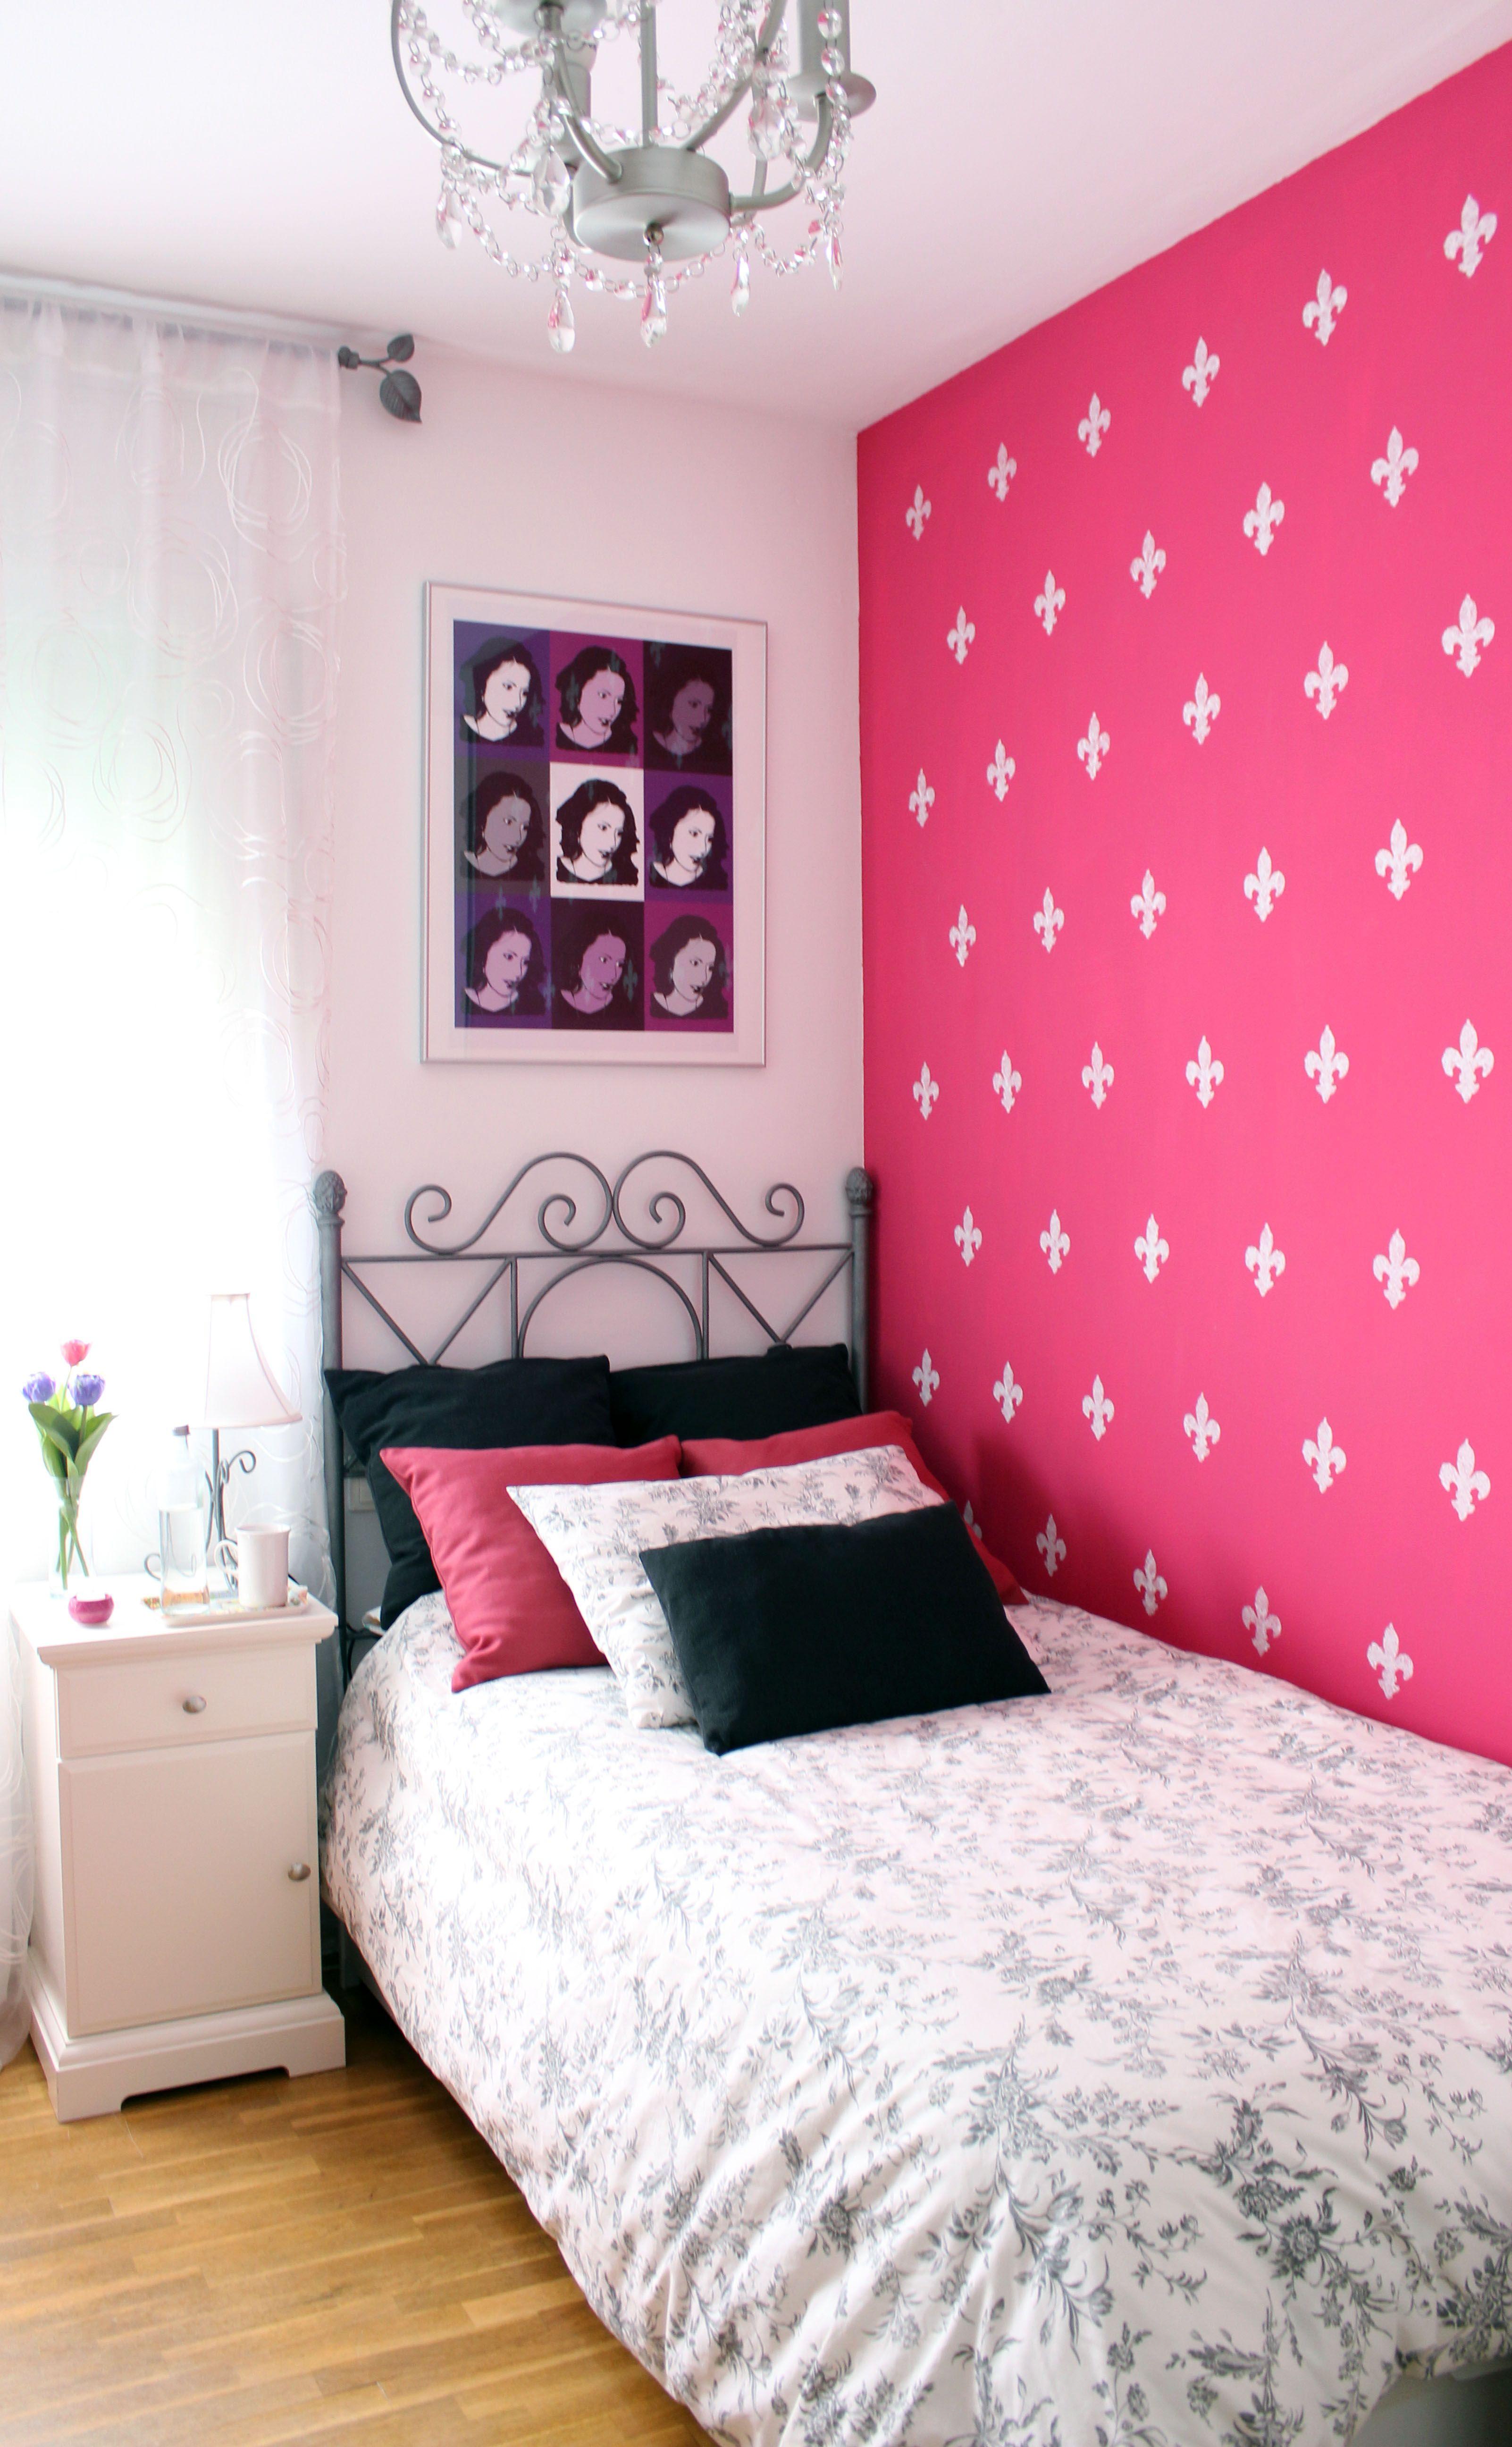 Pared flores de lis ideas cuarto bedroom wall colors y bedroom decor - Decoracion paredes habitaciones juveniles ...